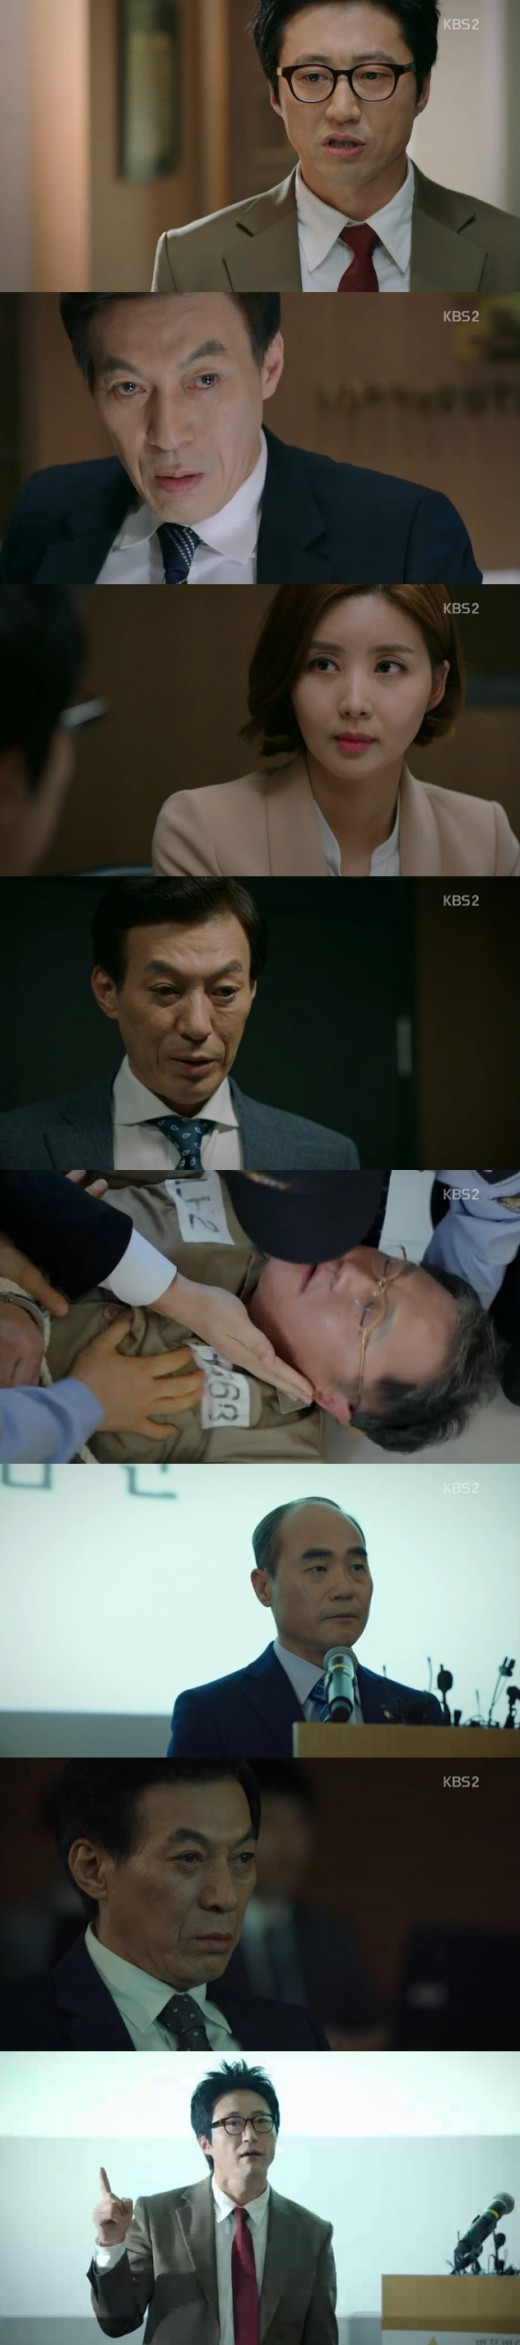 '조들호' 박신양, 김갑수에 통쾌한 반격…박솔미 구했다[TV종합]